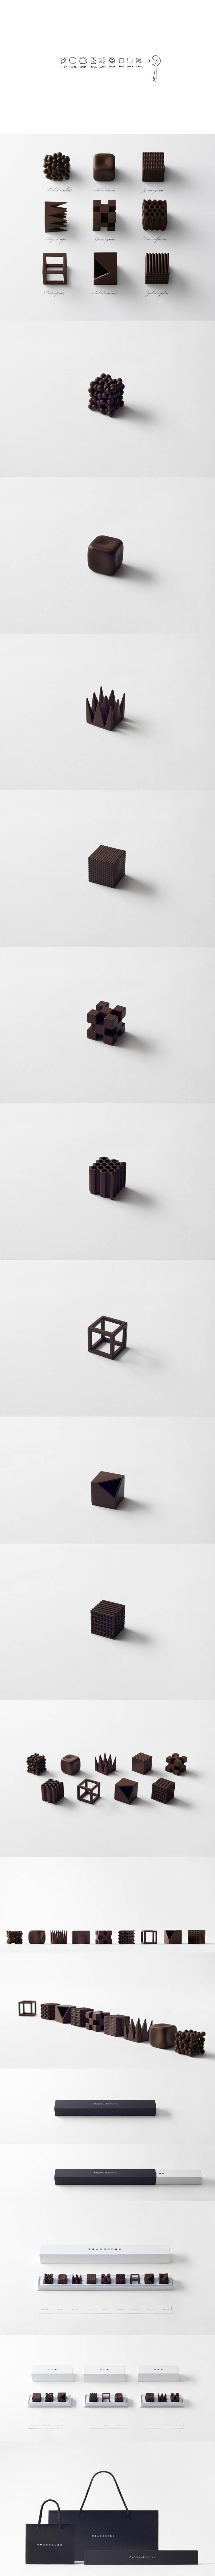 chocolatexture_akihiro_yoshida_22.JPG